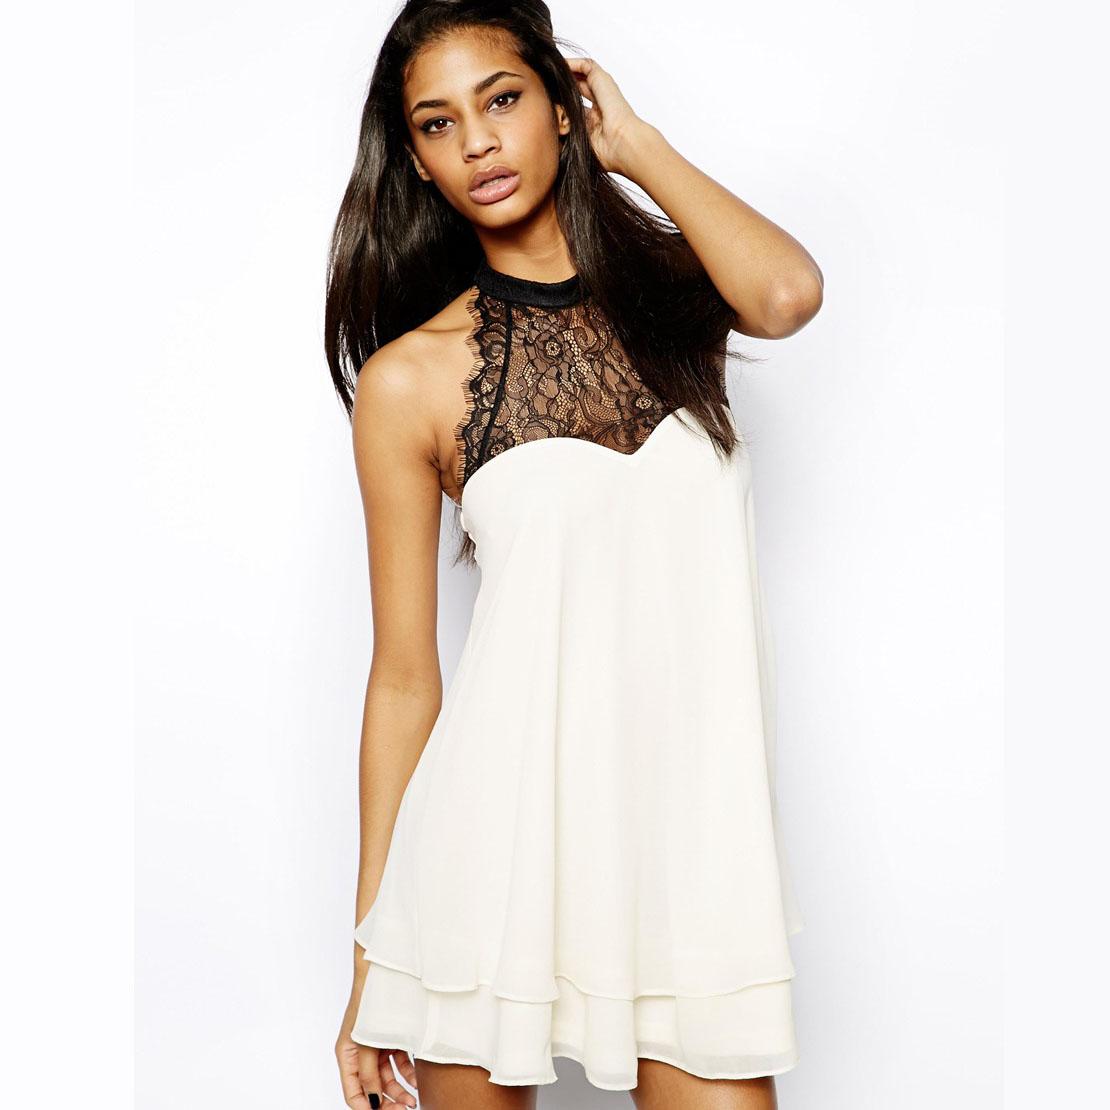 Back bow lace colorant match double layer chiffon medium-long sleeveless shirt haoduoyi - Fashion company store